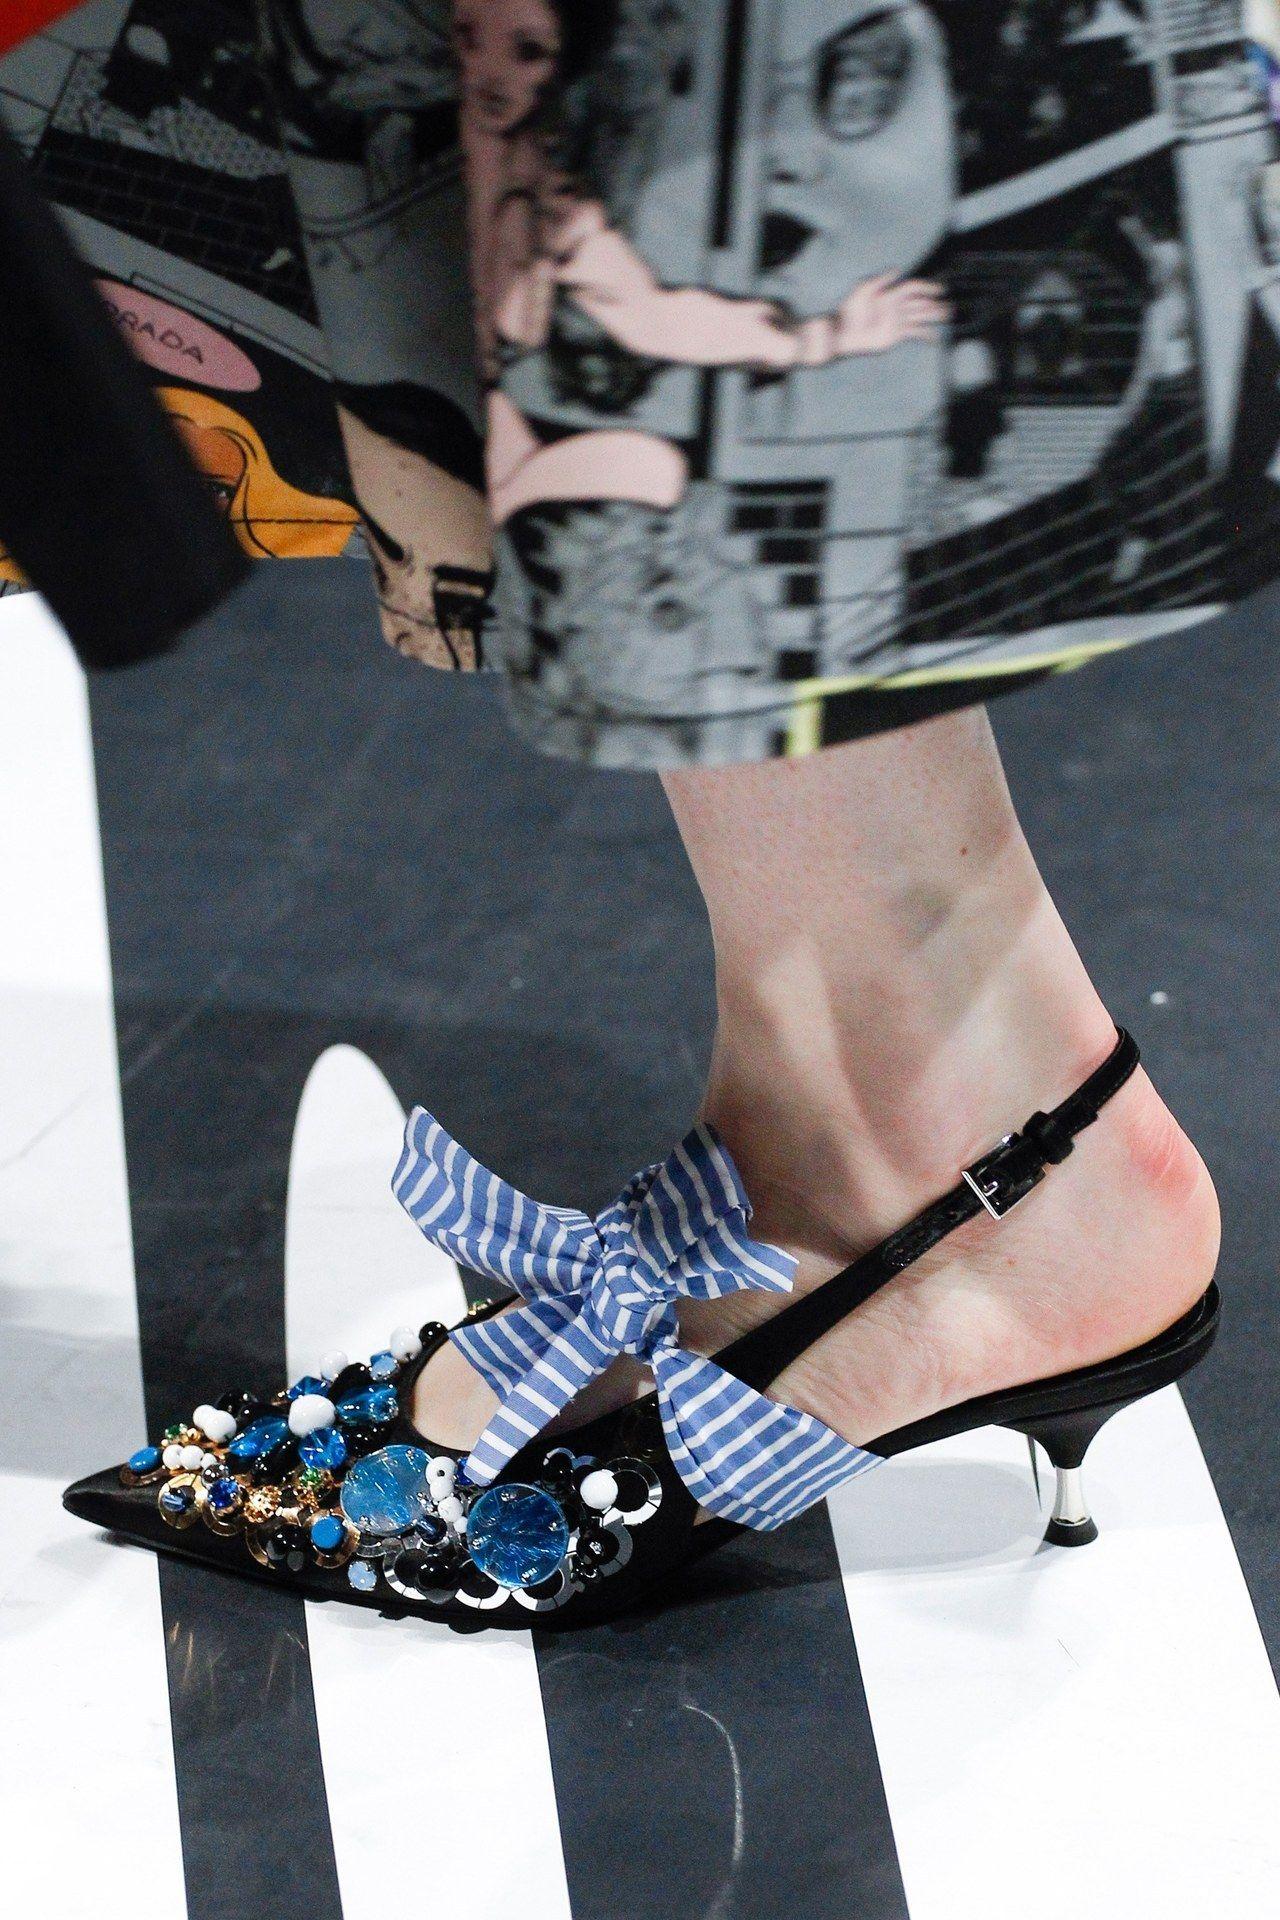 c9e8452975 Prada at Milan Fashion Week Spring 2018. Cerca questo Pin e molto altro su scarpe  di ...